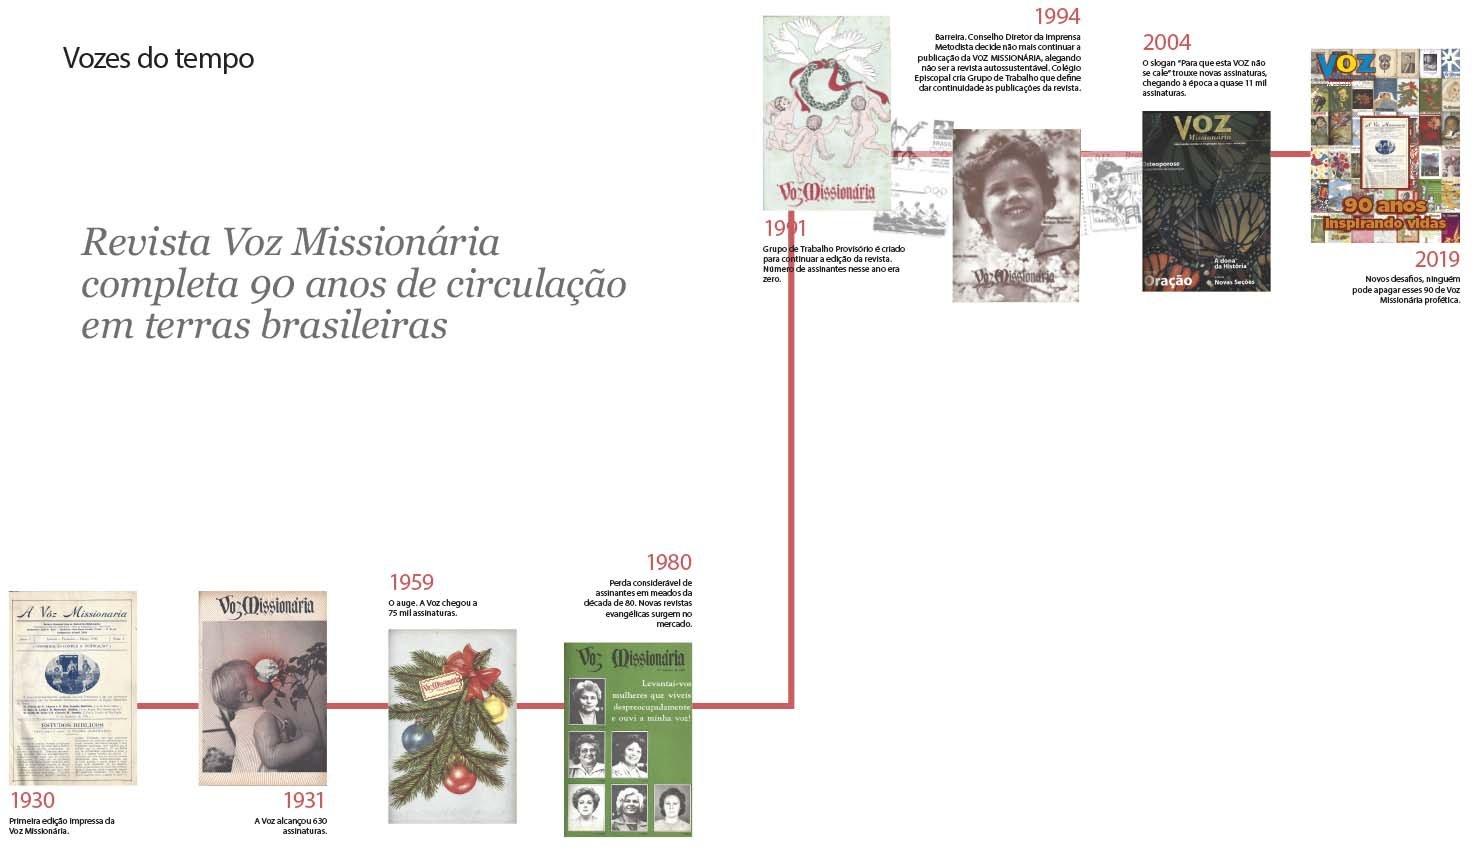 Um Voz que encanta: revista completa 90 anos de circulação no Brasil